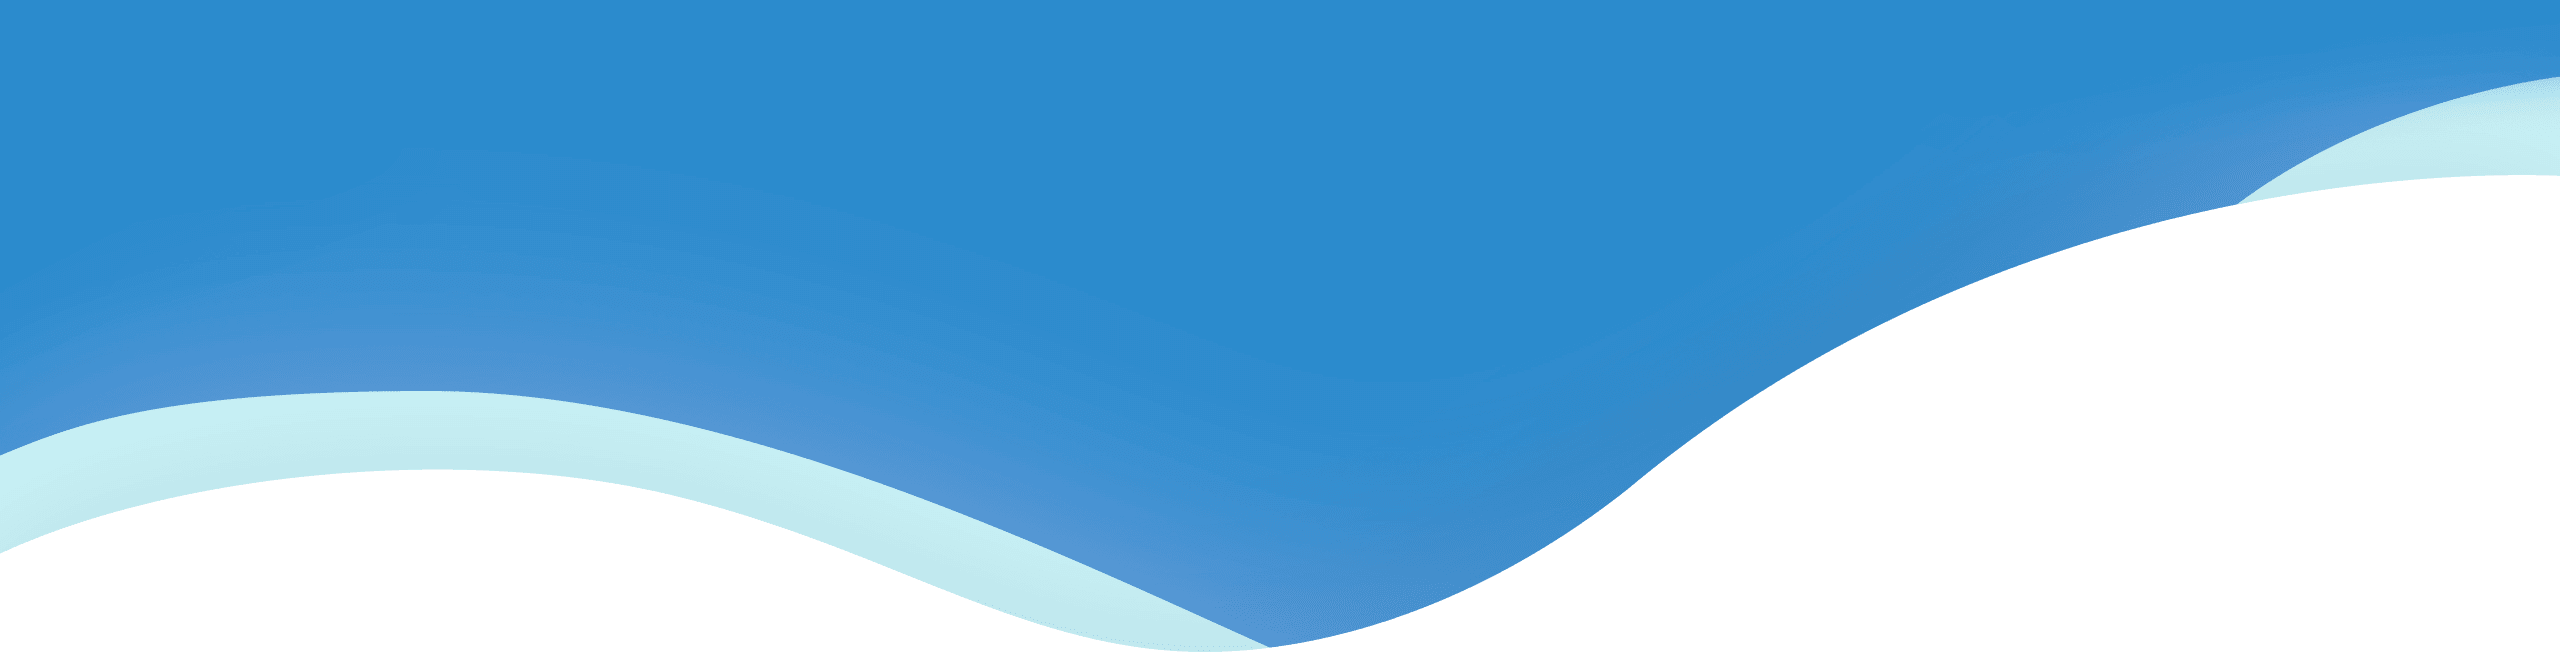 Blå avdelare